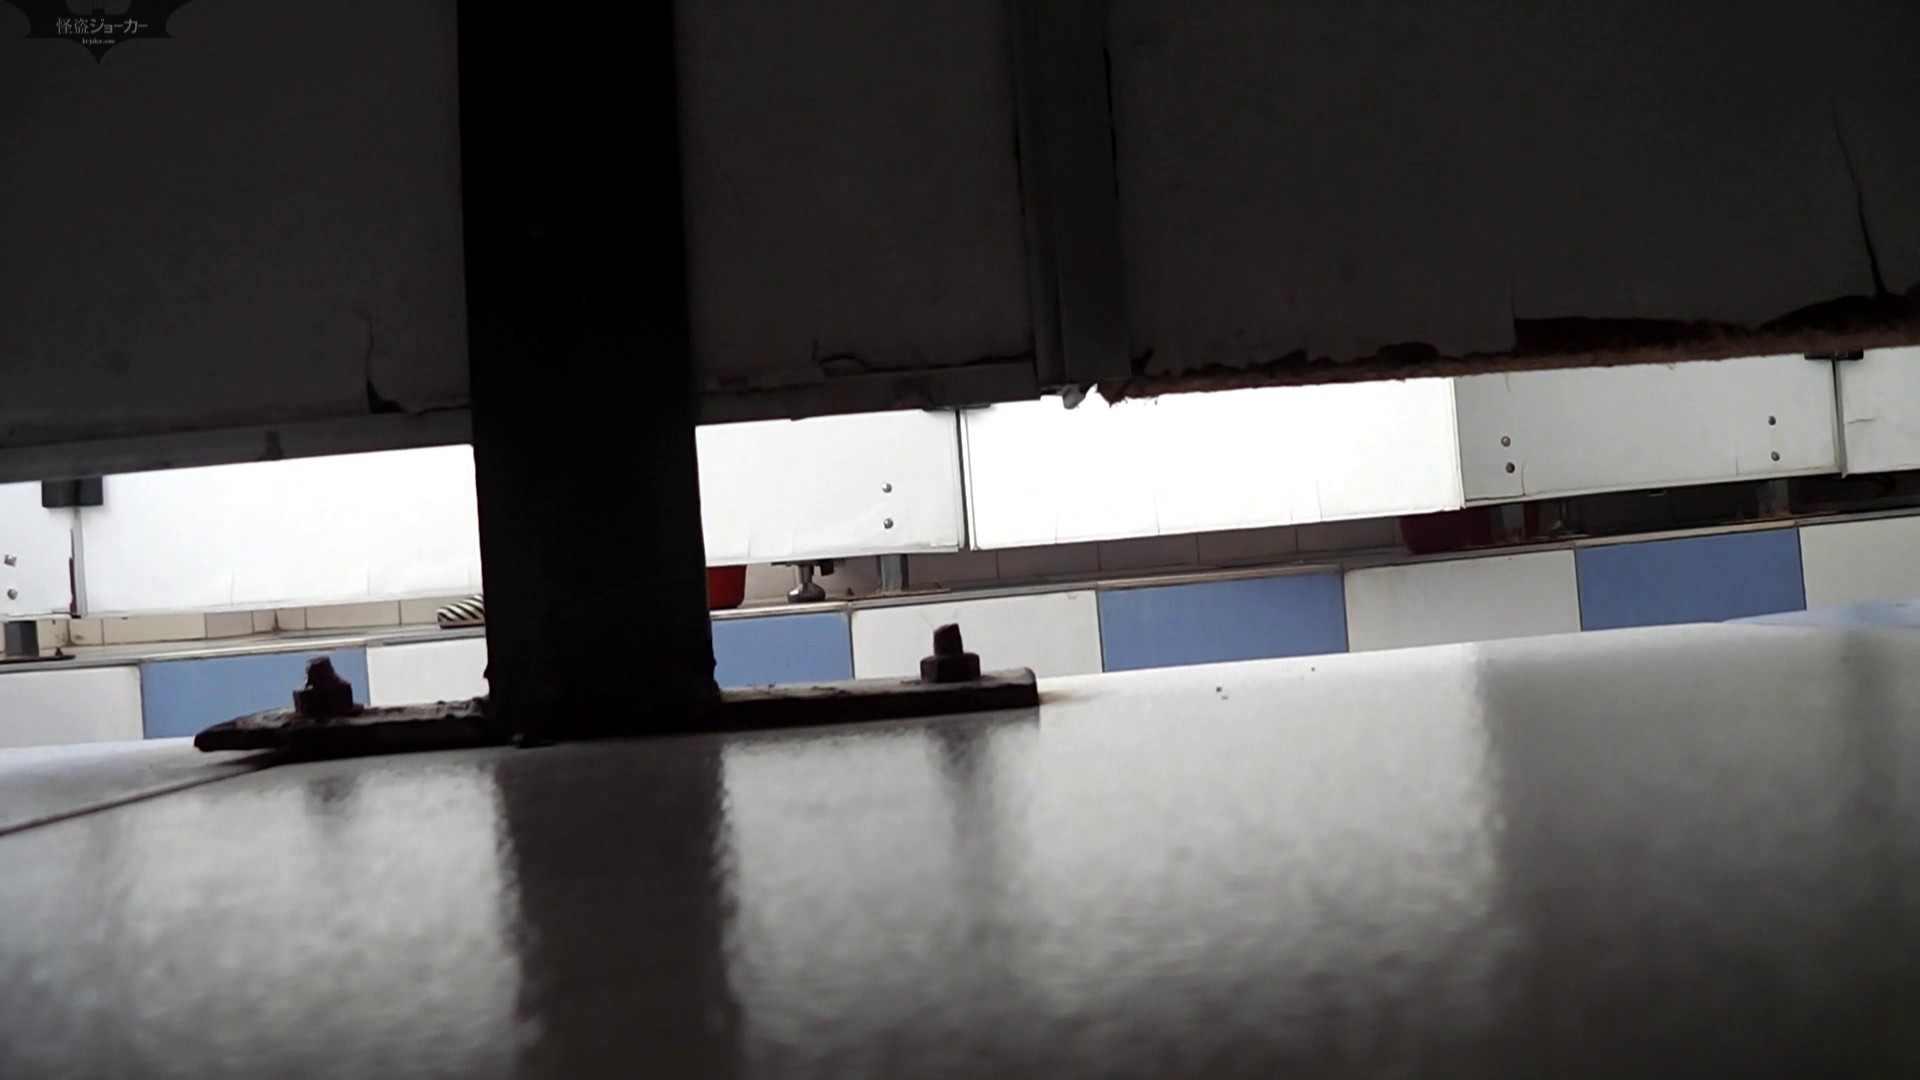 なんだこれVol.09 果敢に外まで追いかける更にアップnyodoまで見える 潜入   テクニック  75PIX 52